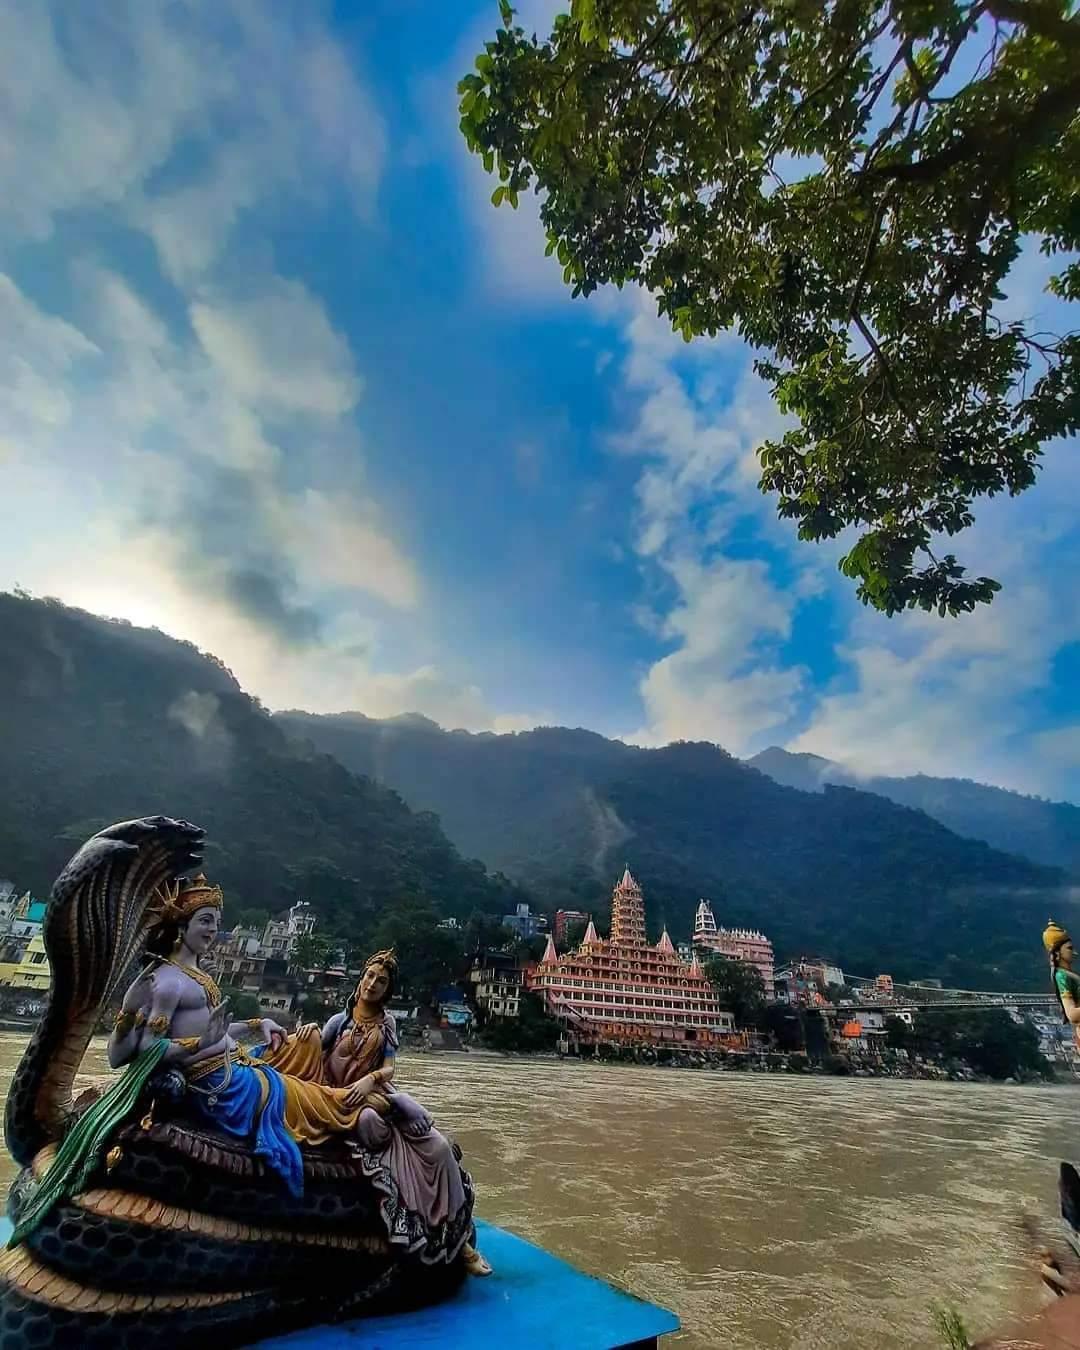 ત્રિવેણીઘાટ એ ત્રણ પવિત્ર નદીઓના સંગમ પર આવેલો છે. જેથી શ્રદ્ધાળુઓ પોતાનાં પાપોને ધોવાના ભાવથી શ્રદ્ધાની ડૂબકી લગાવે છે